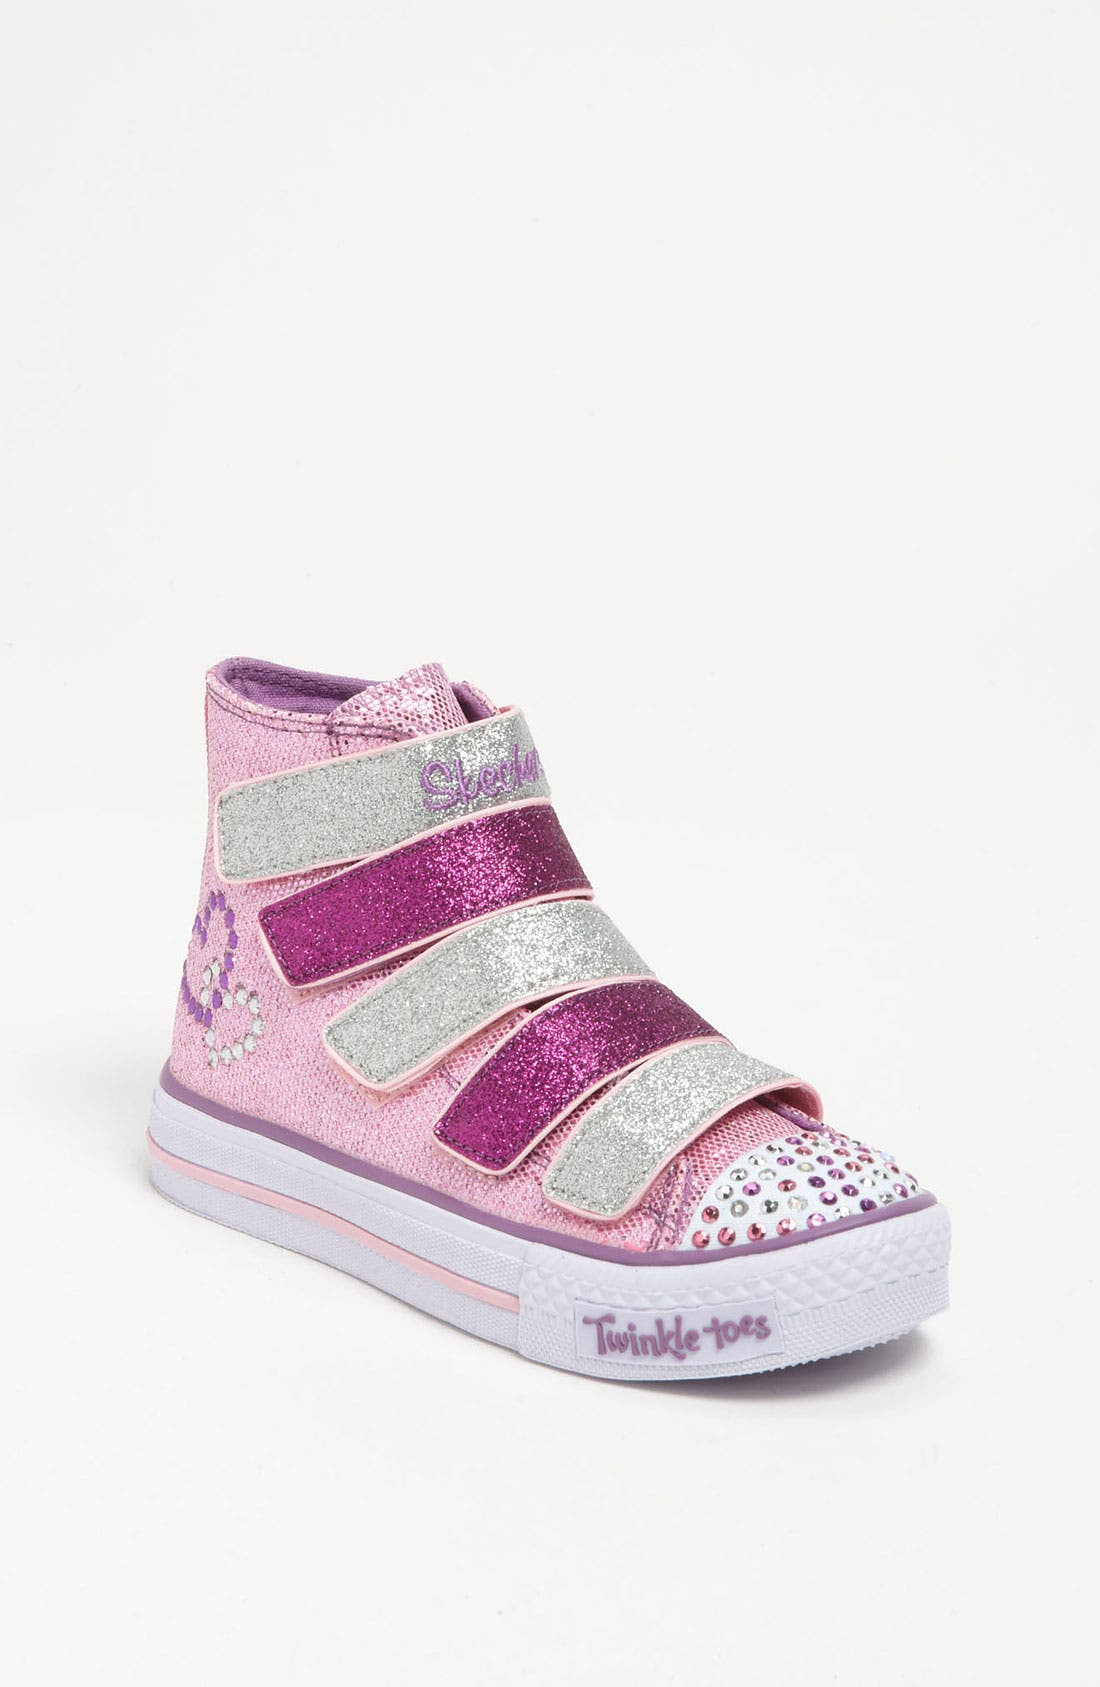 Main Image - SKECHERS 'Shuffles S Lights -  5 Alive' Sneaker (Toddler & Little Kid)